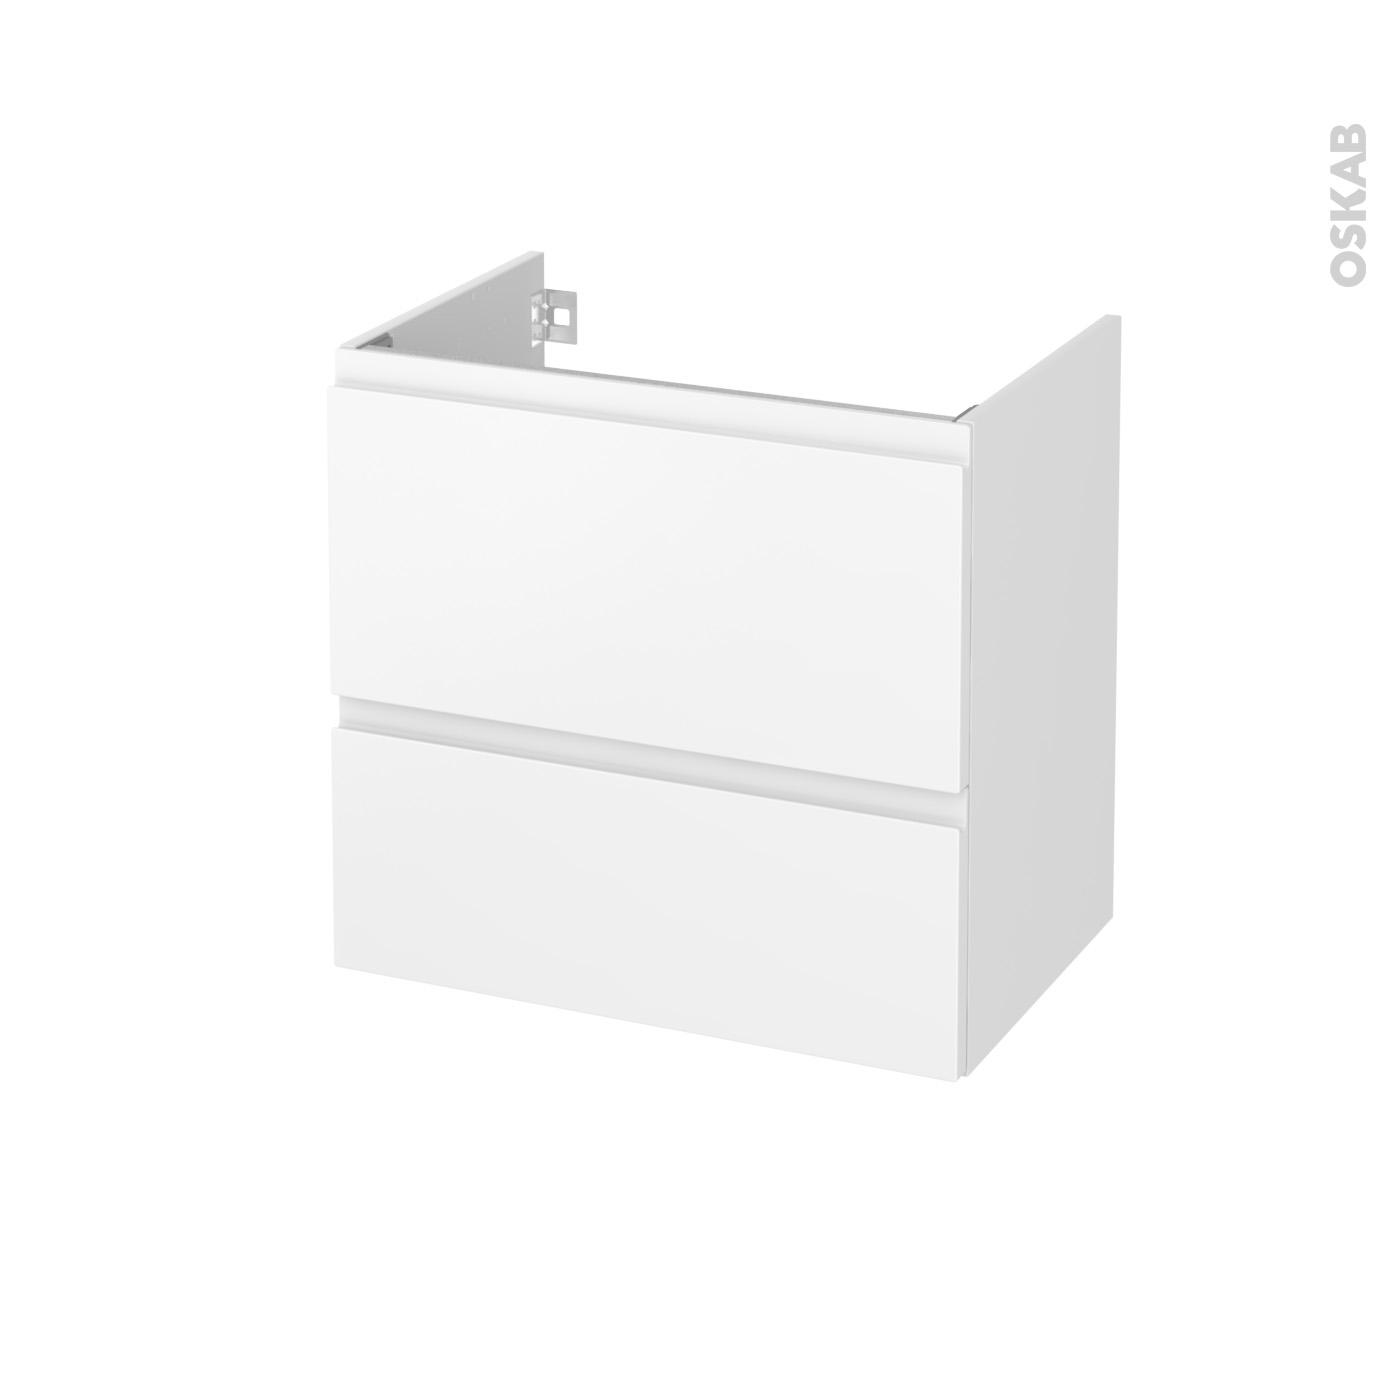 Meuble de salle de bains Sous vasque IPOMA Blanc mat, 16 tiroirs, Côtés  décors, L16 x H16 x P16 cm